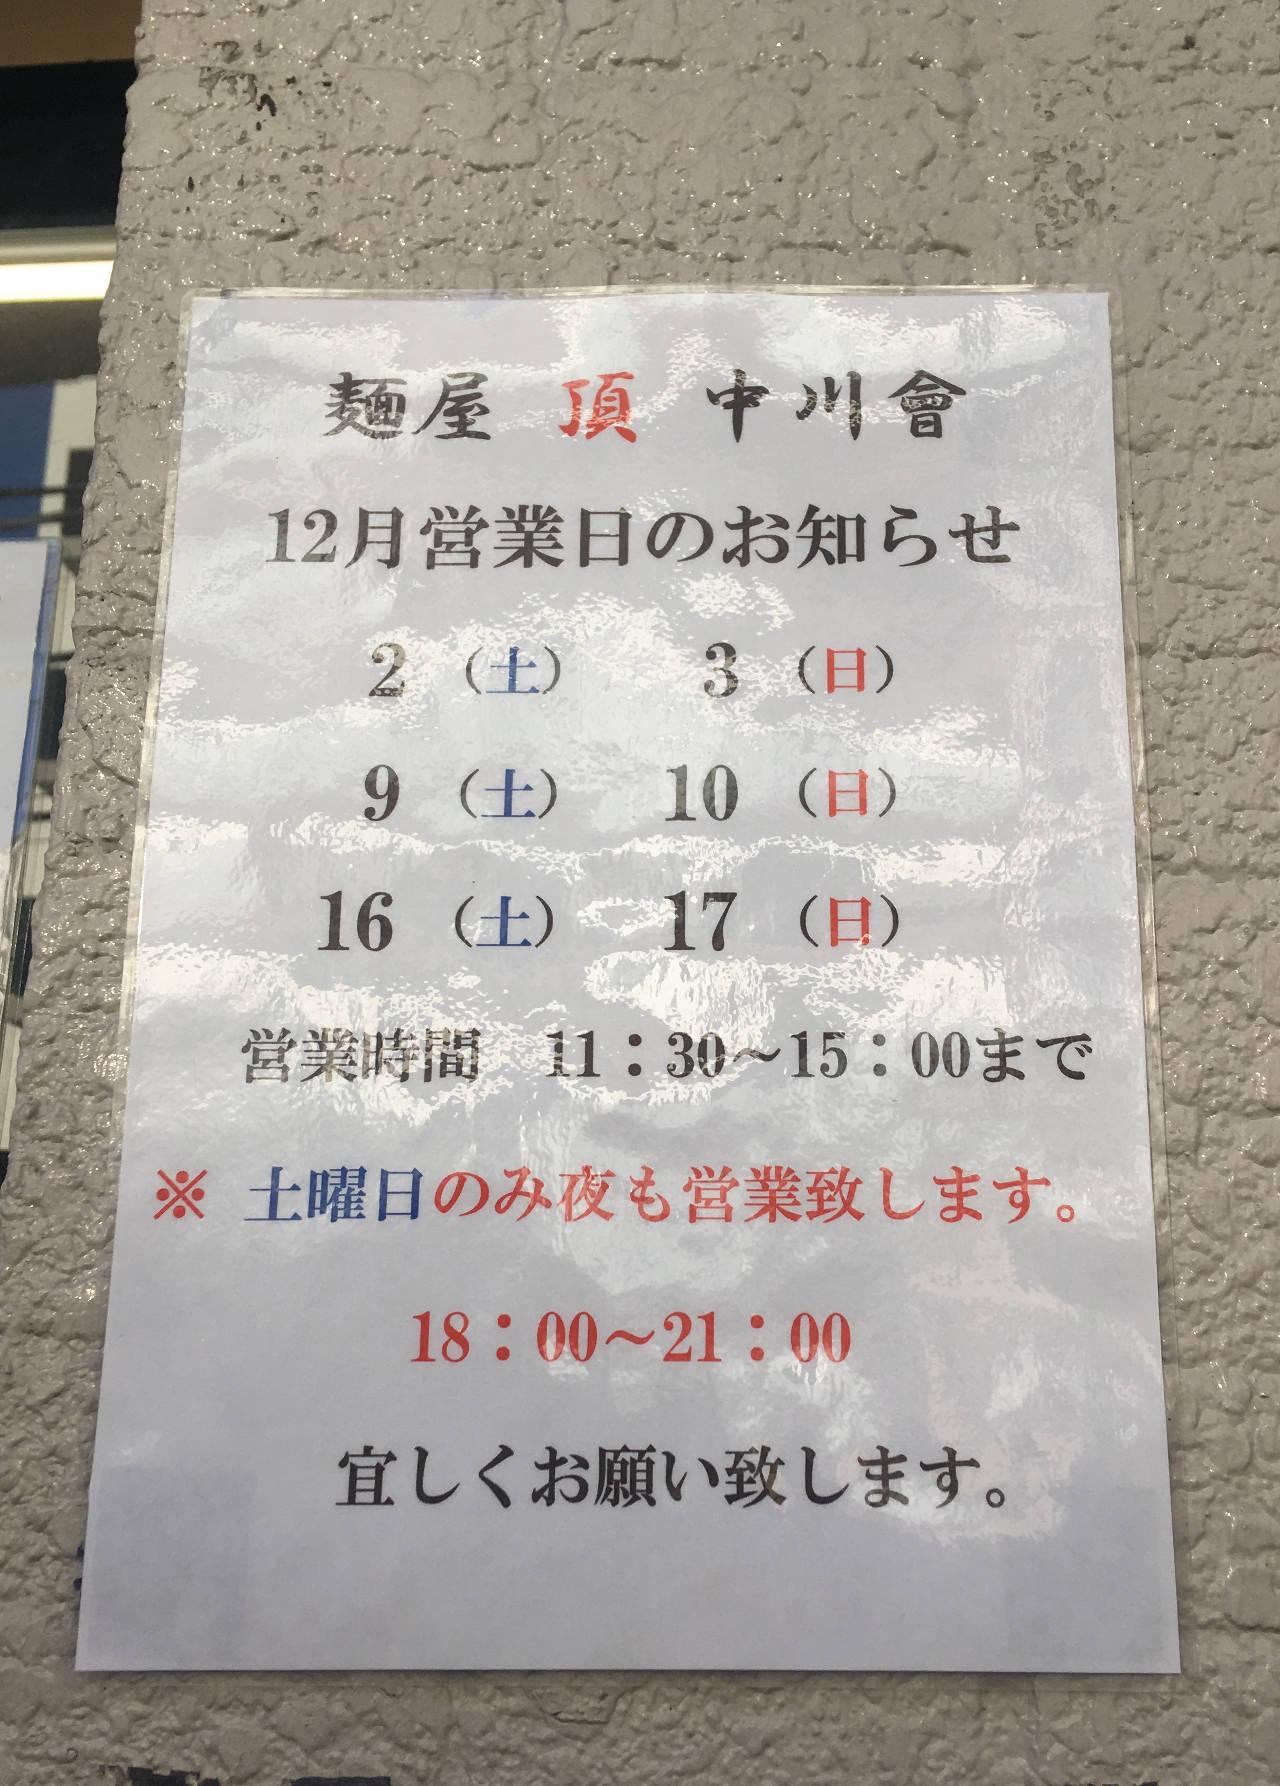 「麺屋 頂 中川會」の営業日のお知らせ